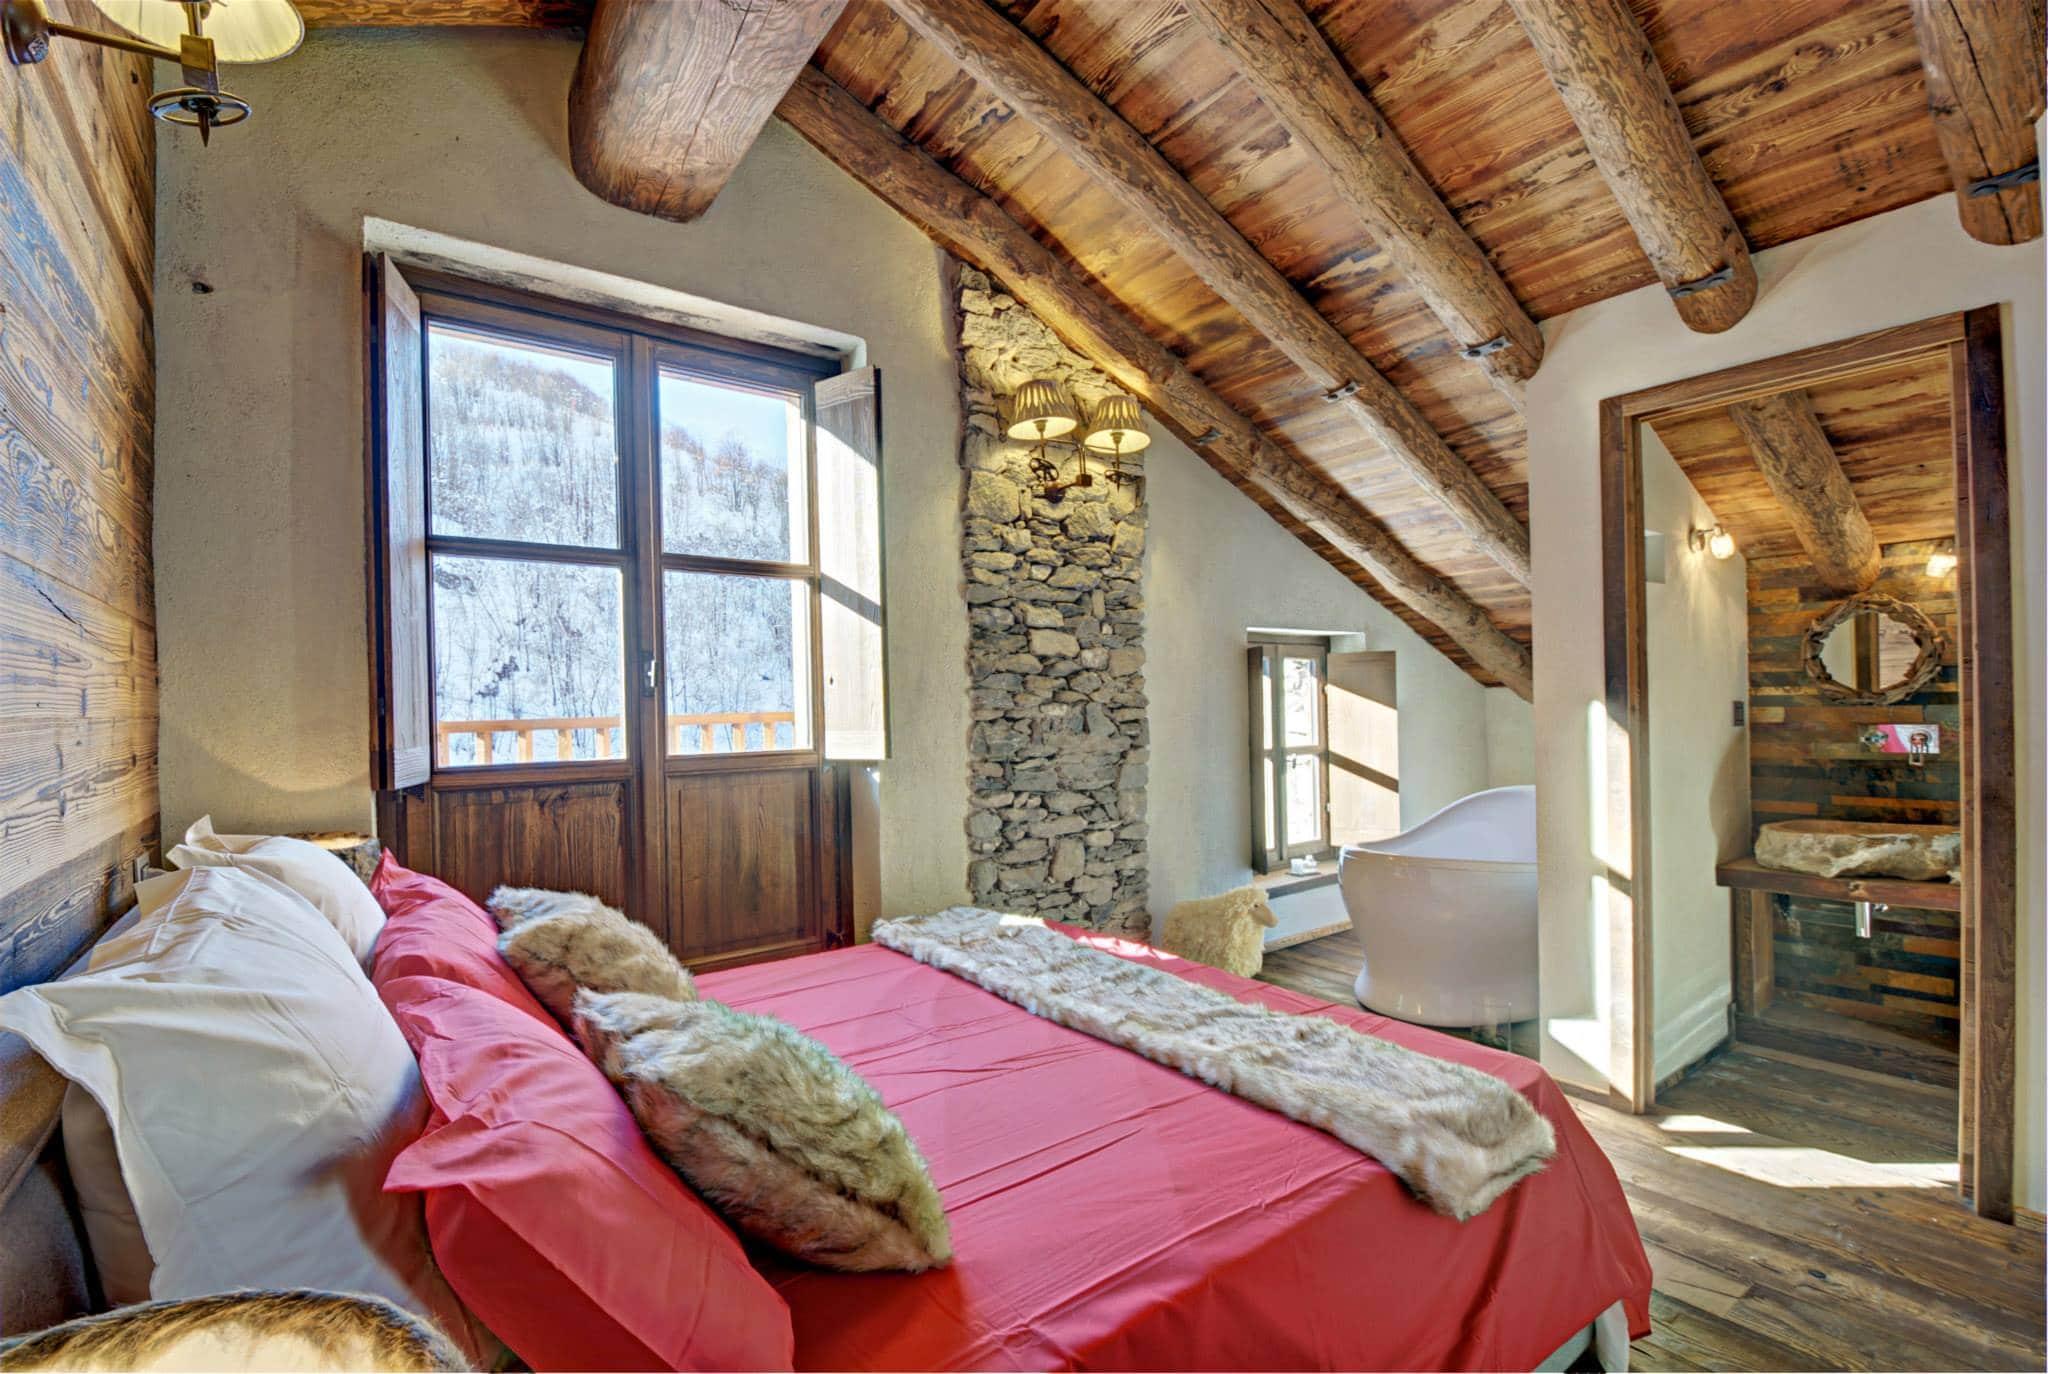 Tinas De Baño Rusticas: principal de la casa que tiene cuarto de baño con una tina anexa